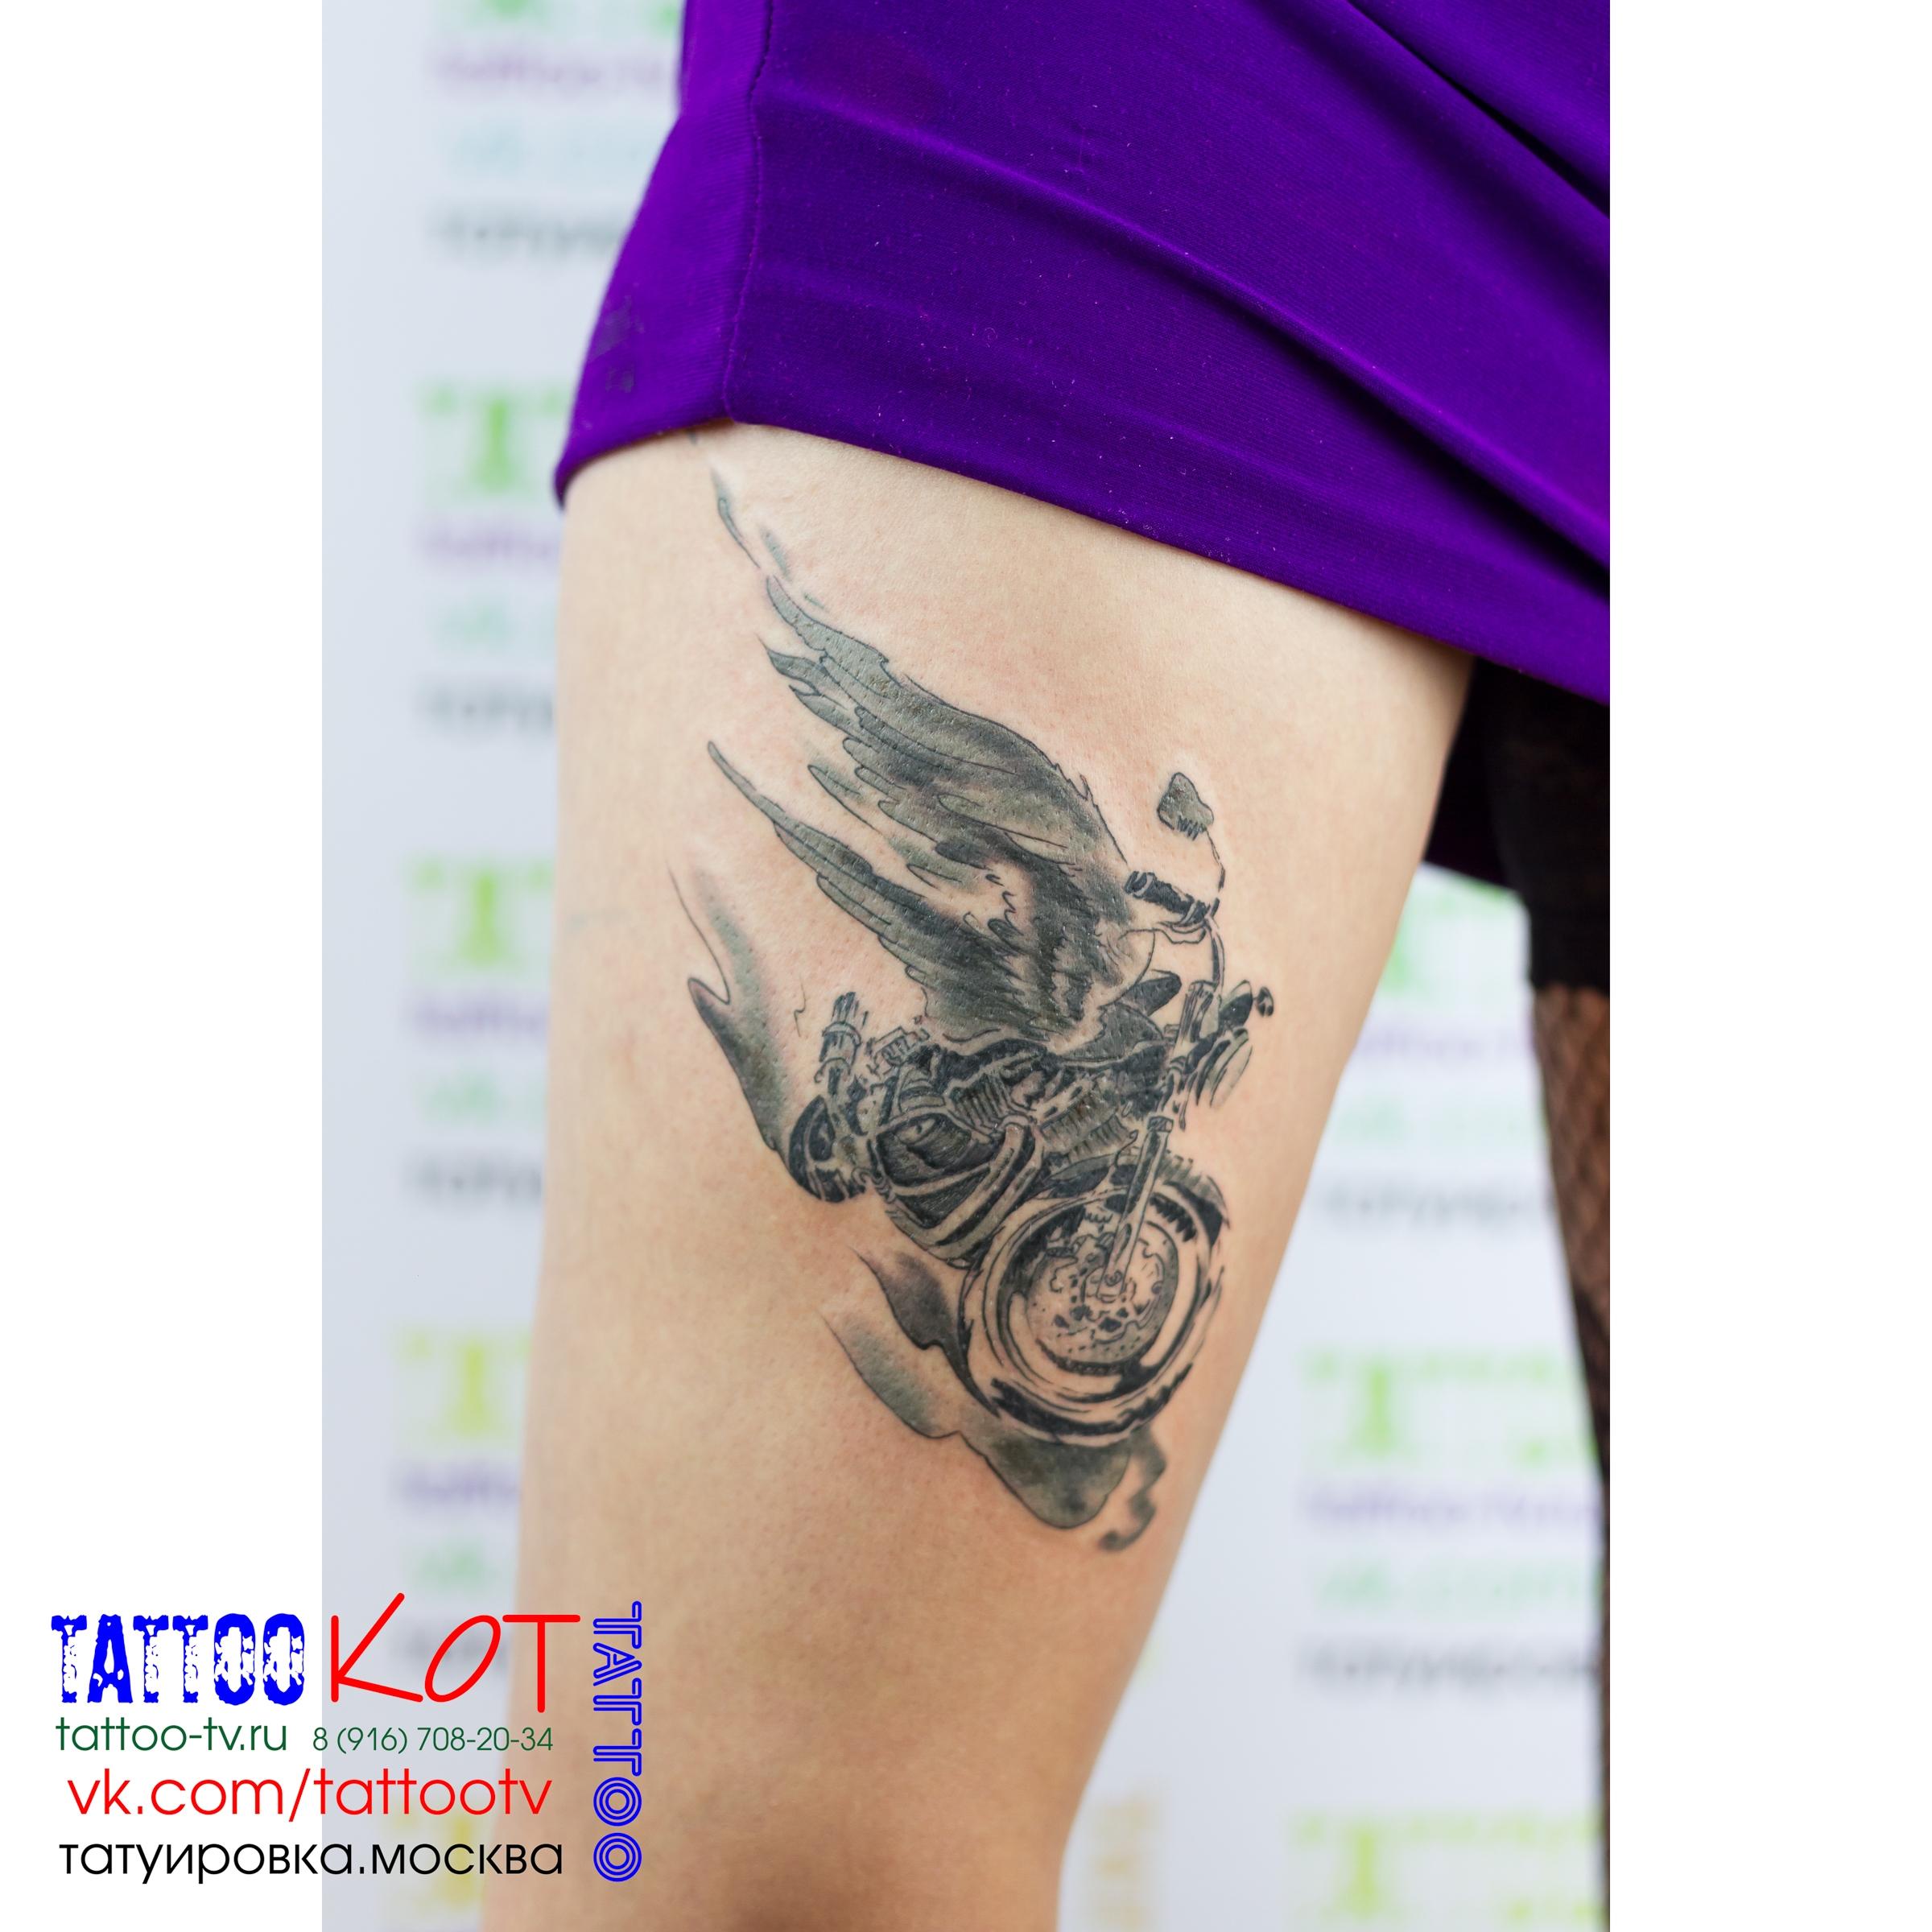 фото мото татуировки